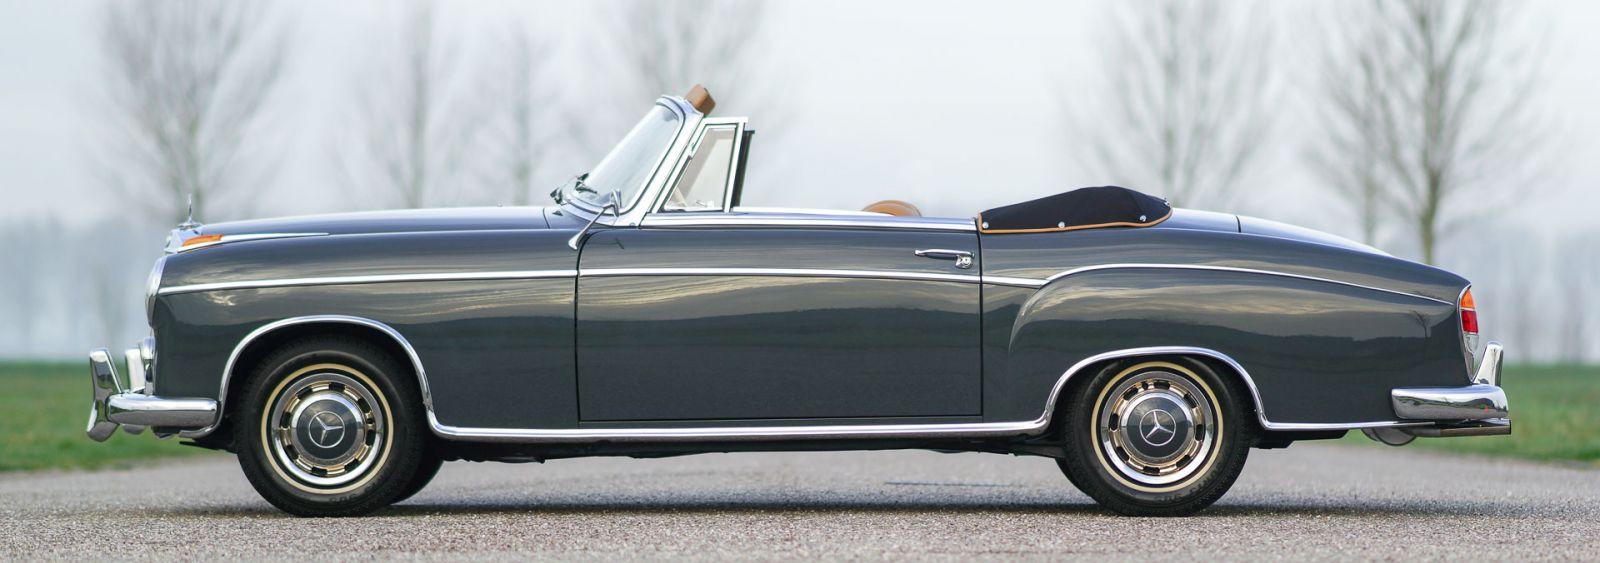 mercedes benz 220 se cabriolet 1960 classicargarage de. Black Bedroom Furniture Sets. Home Design Ideas